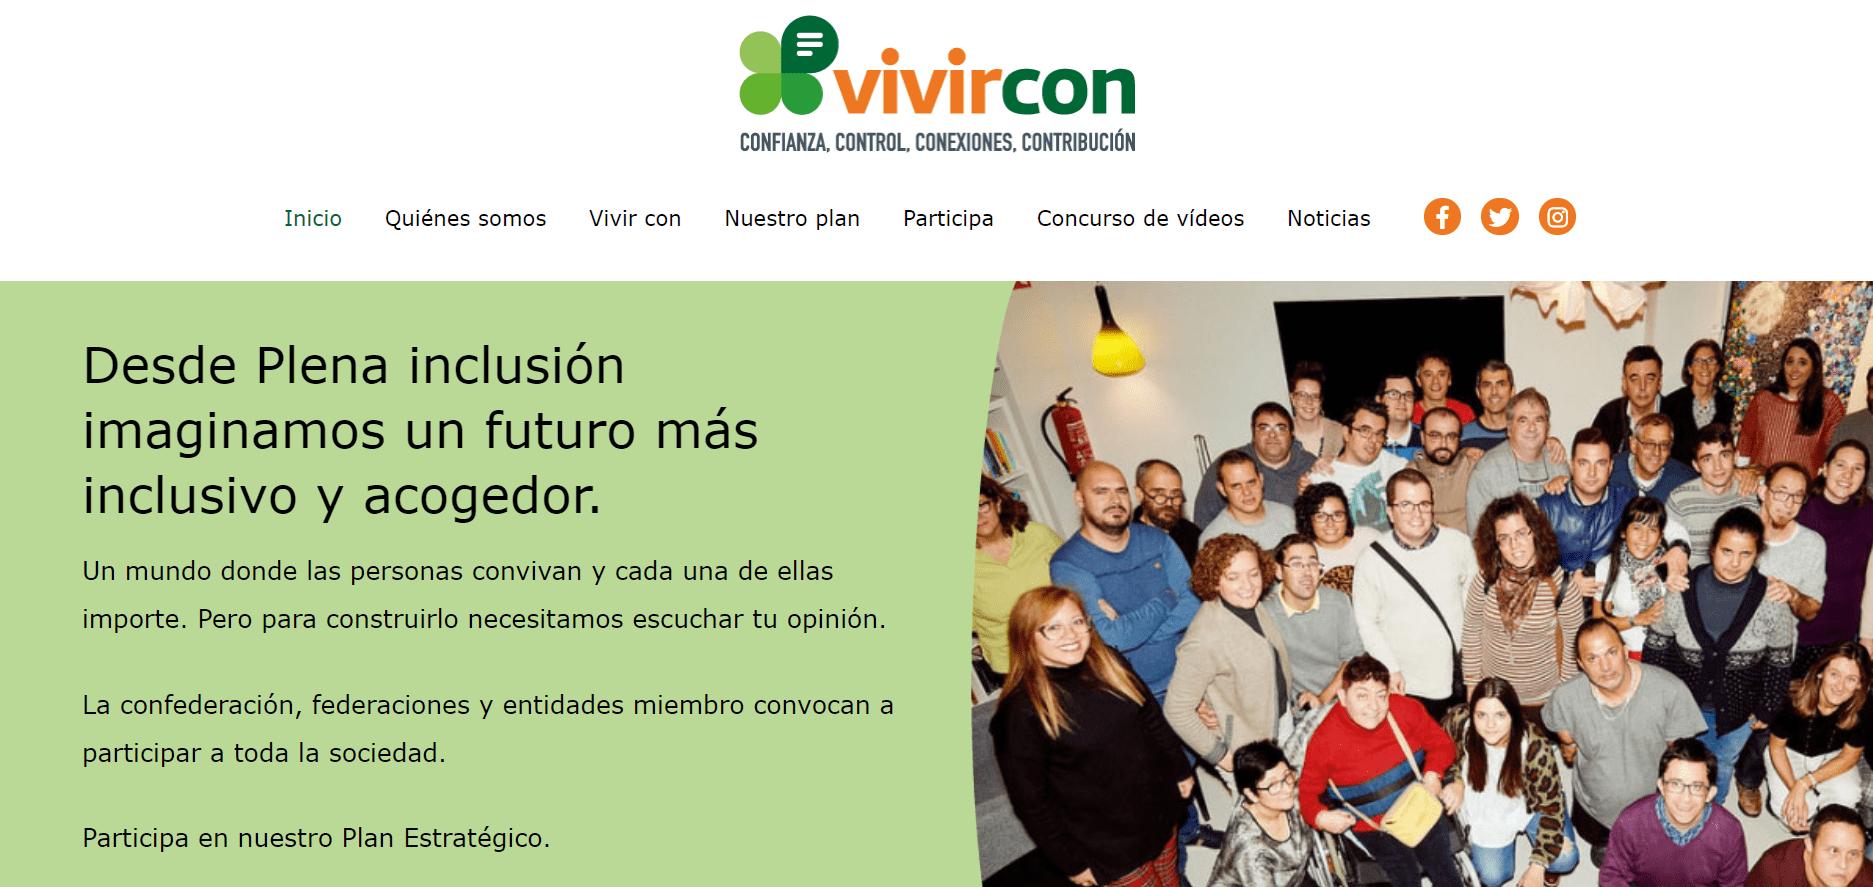 web vivircon captura